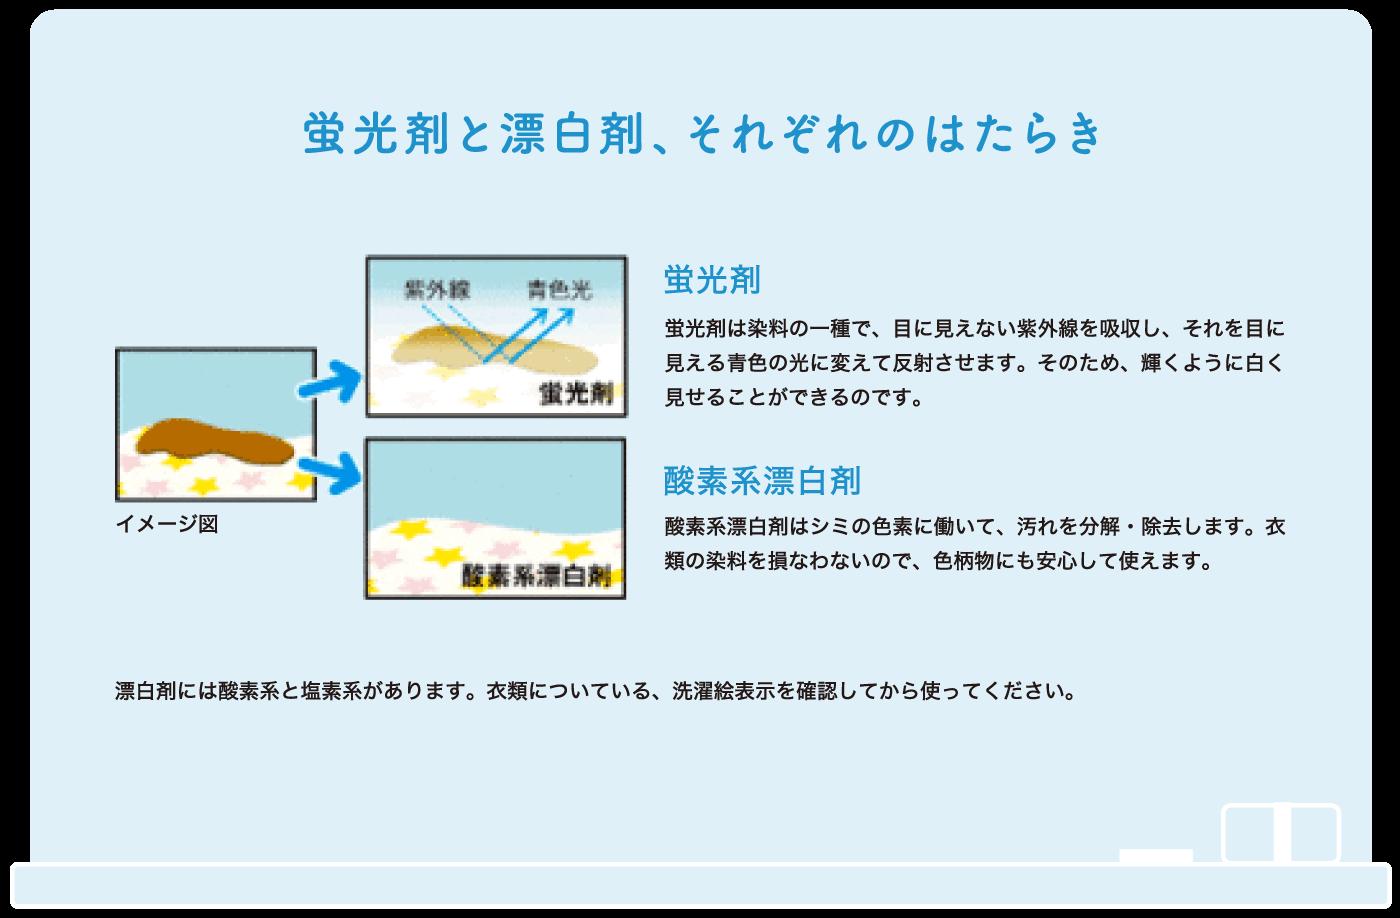 蛍光剤と漂白剤、それぞれのはたらき 蛍光剤 酸素系漂白剤